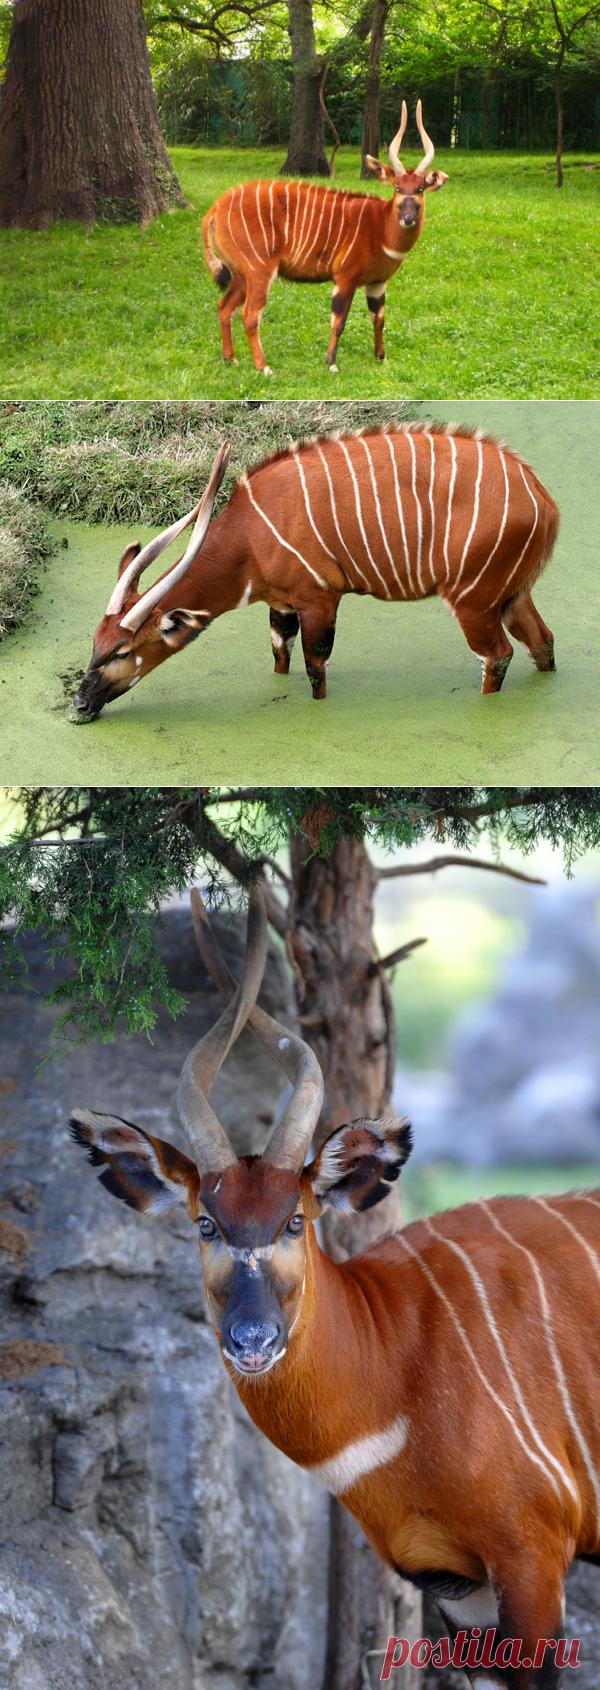 Самые необычные животные в мире (часть 28)